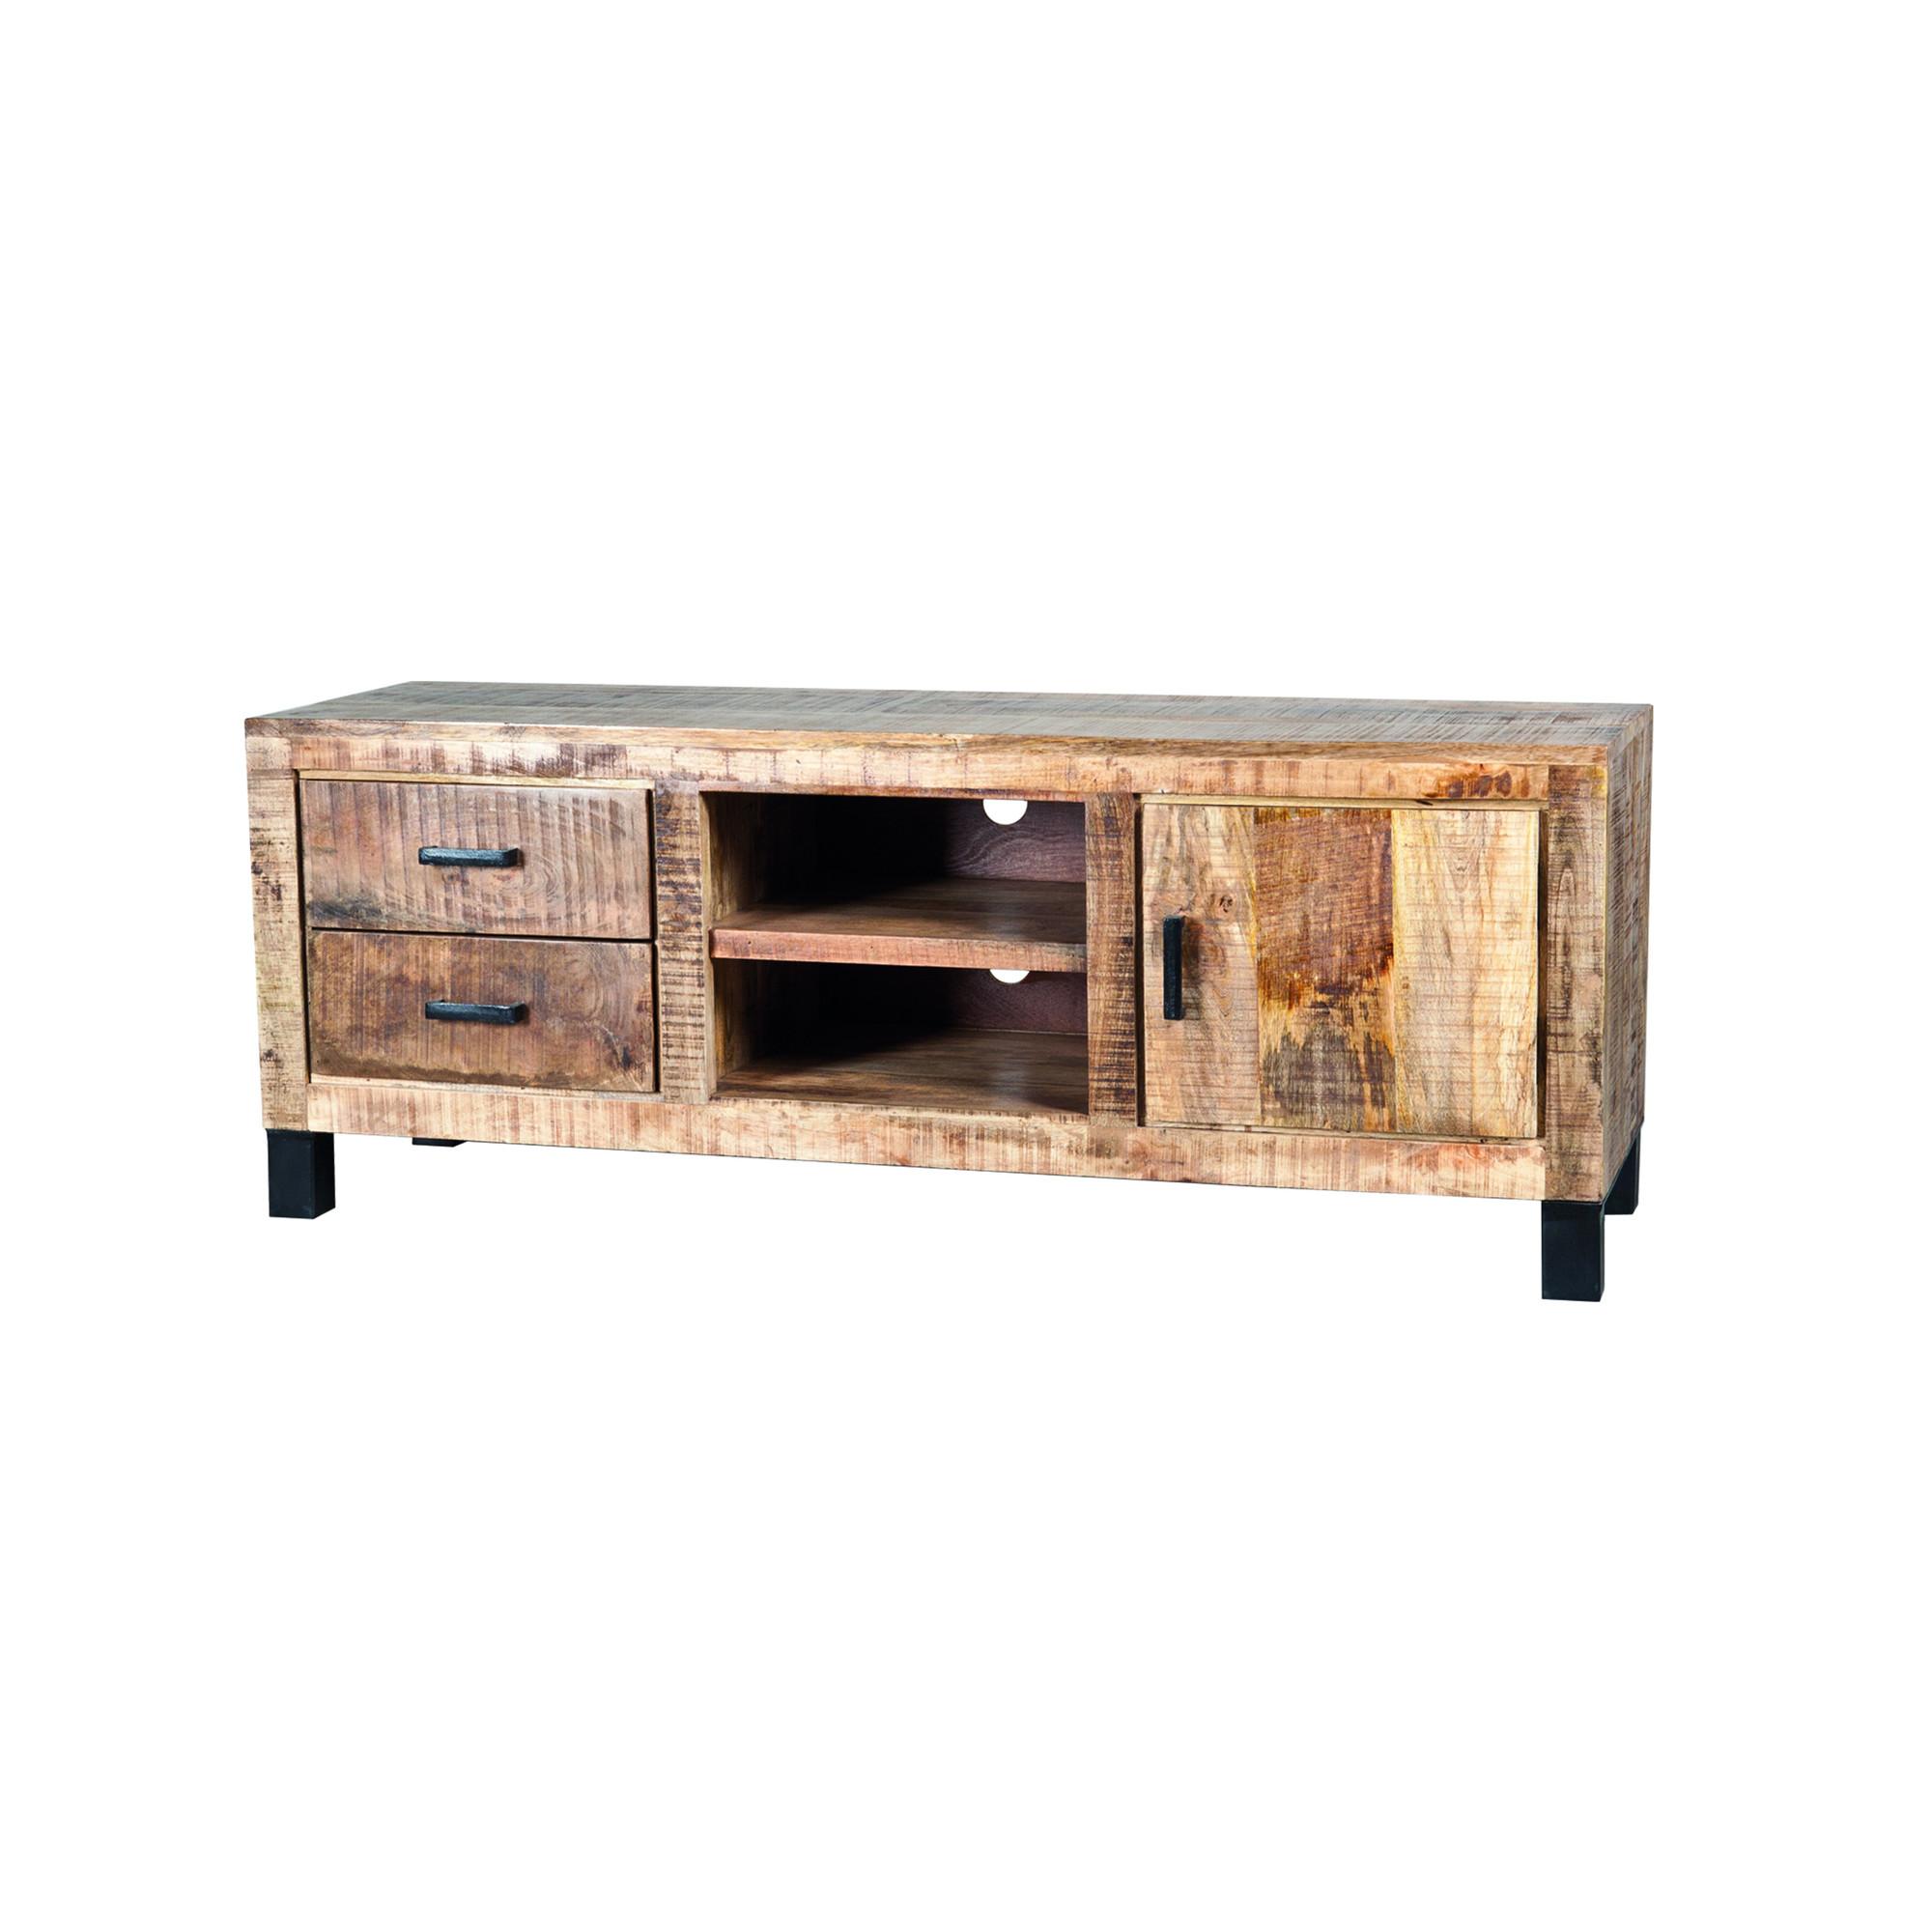 Eleonora Tv-meubel 'Iron XL Industrieel' 150 cm vergelijken Eleonora